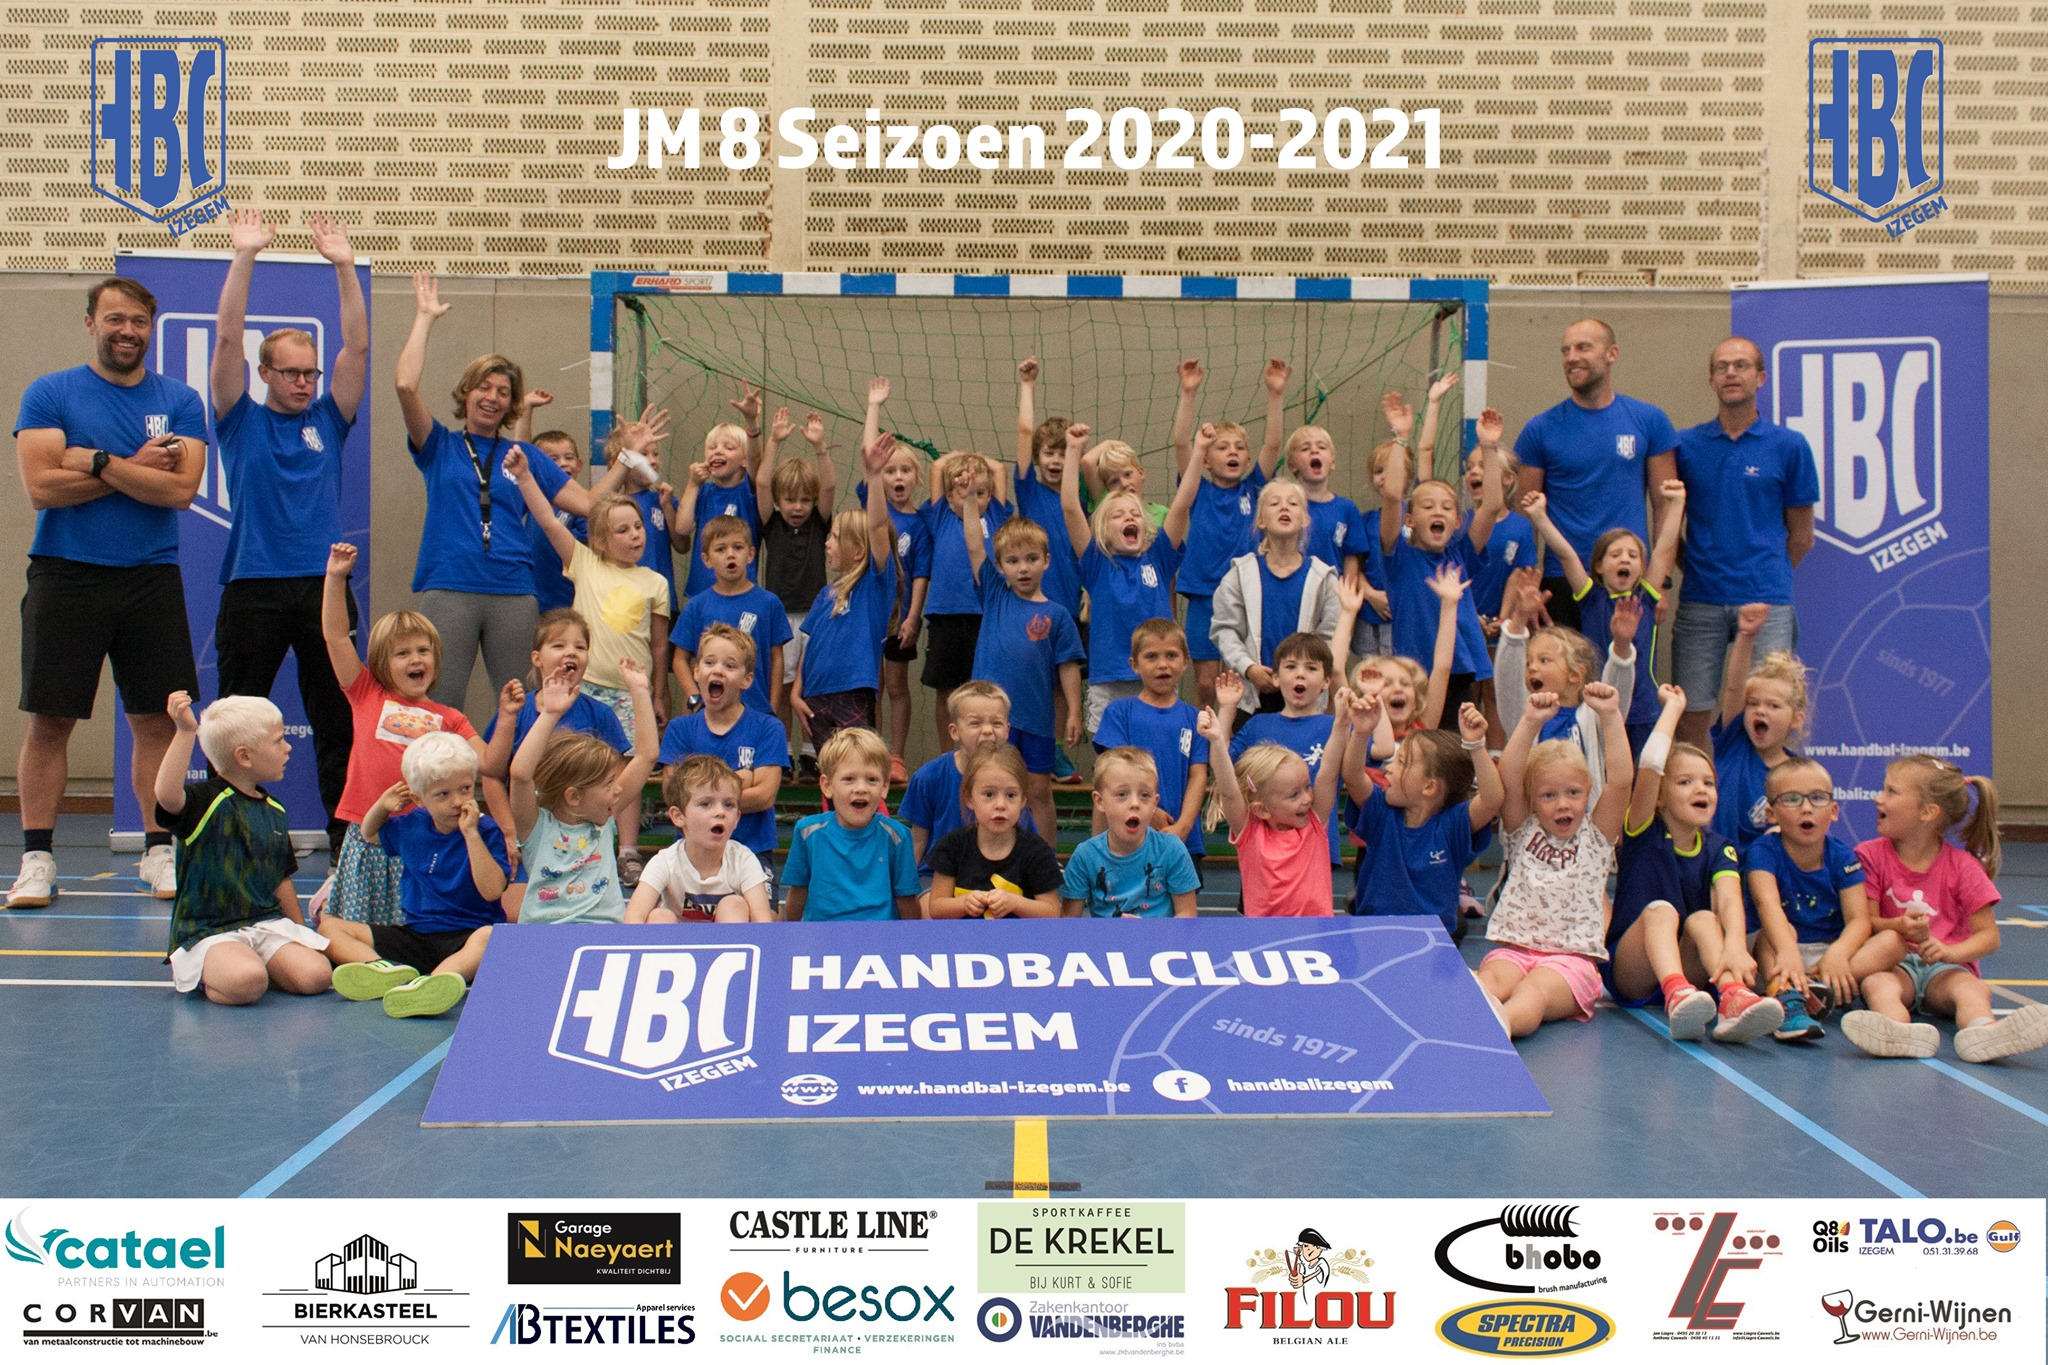 HBC Izegem JM8 2020-2021